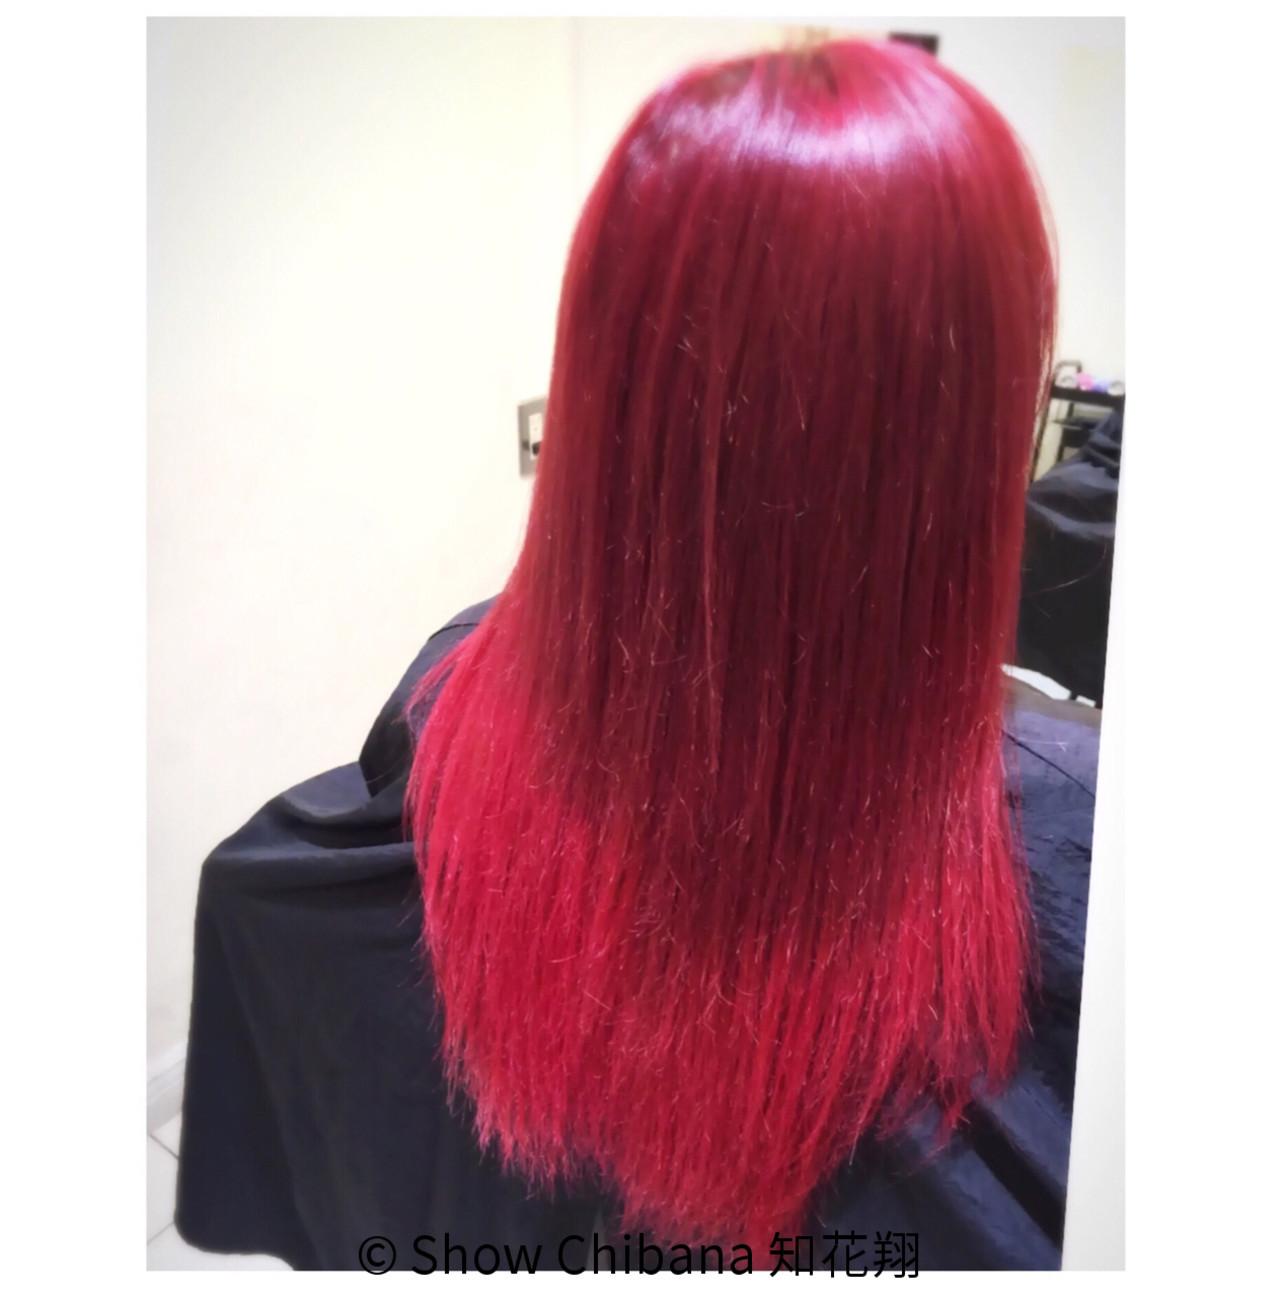 グラデーションカラー ピンク 外国人風 ロング ヘアスタイルや髪型の写真・画像 | Show Chibana 知花翔 / RICHE